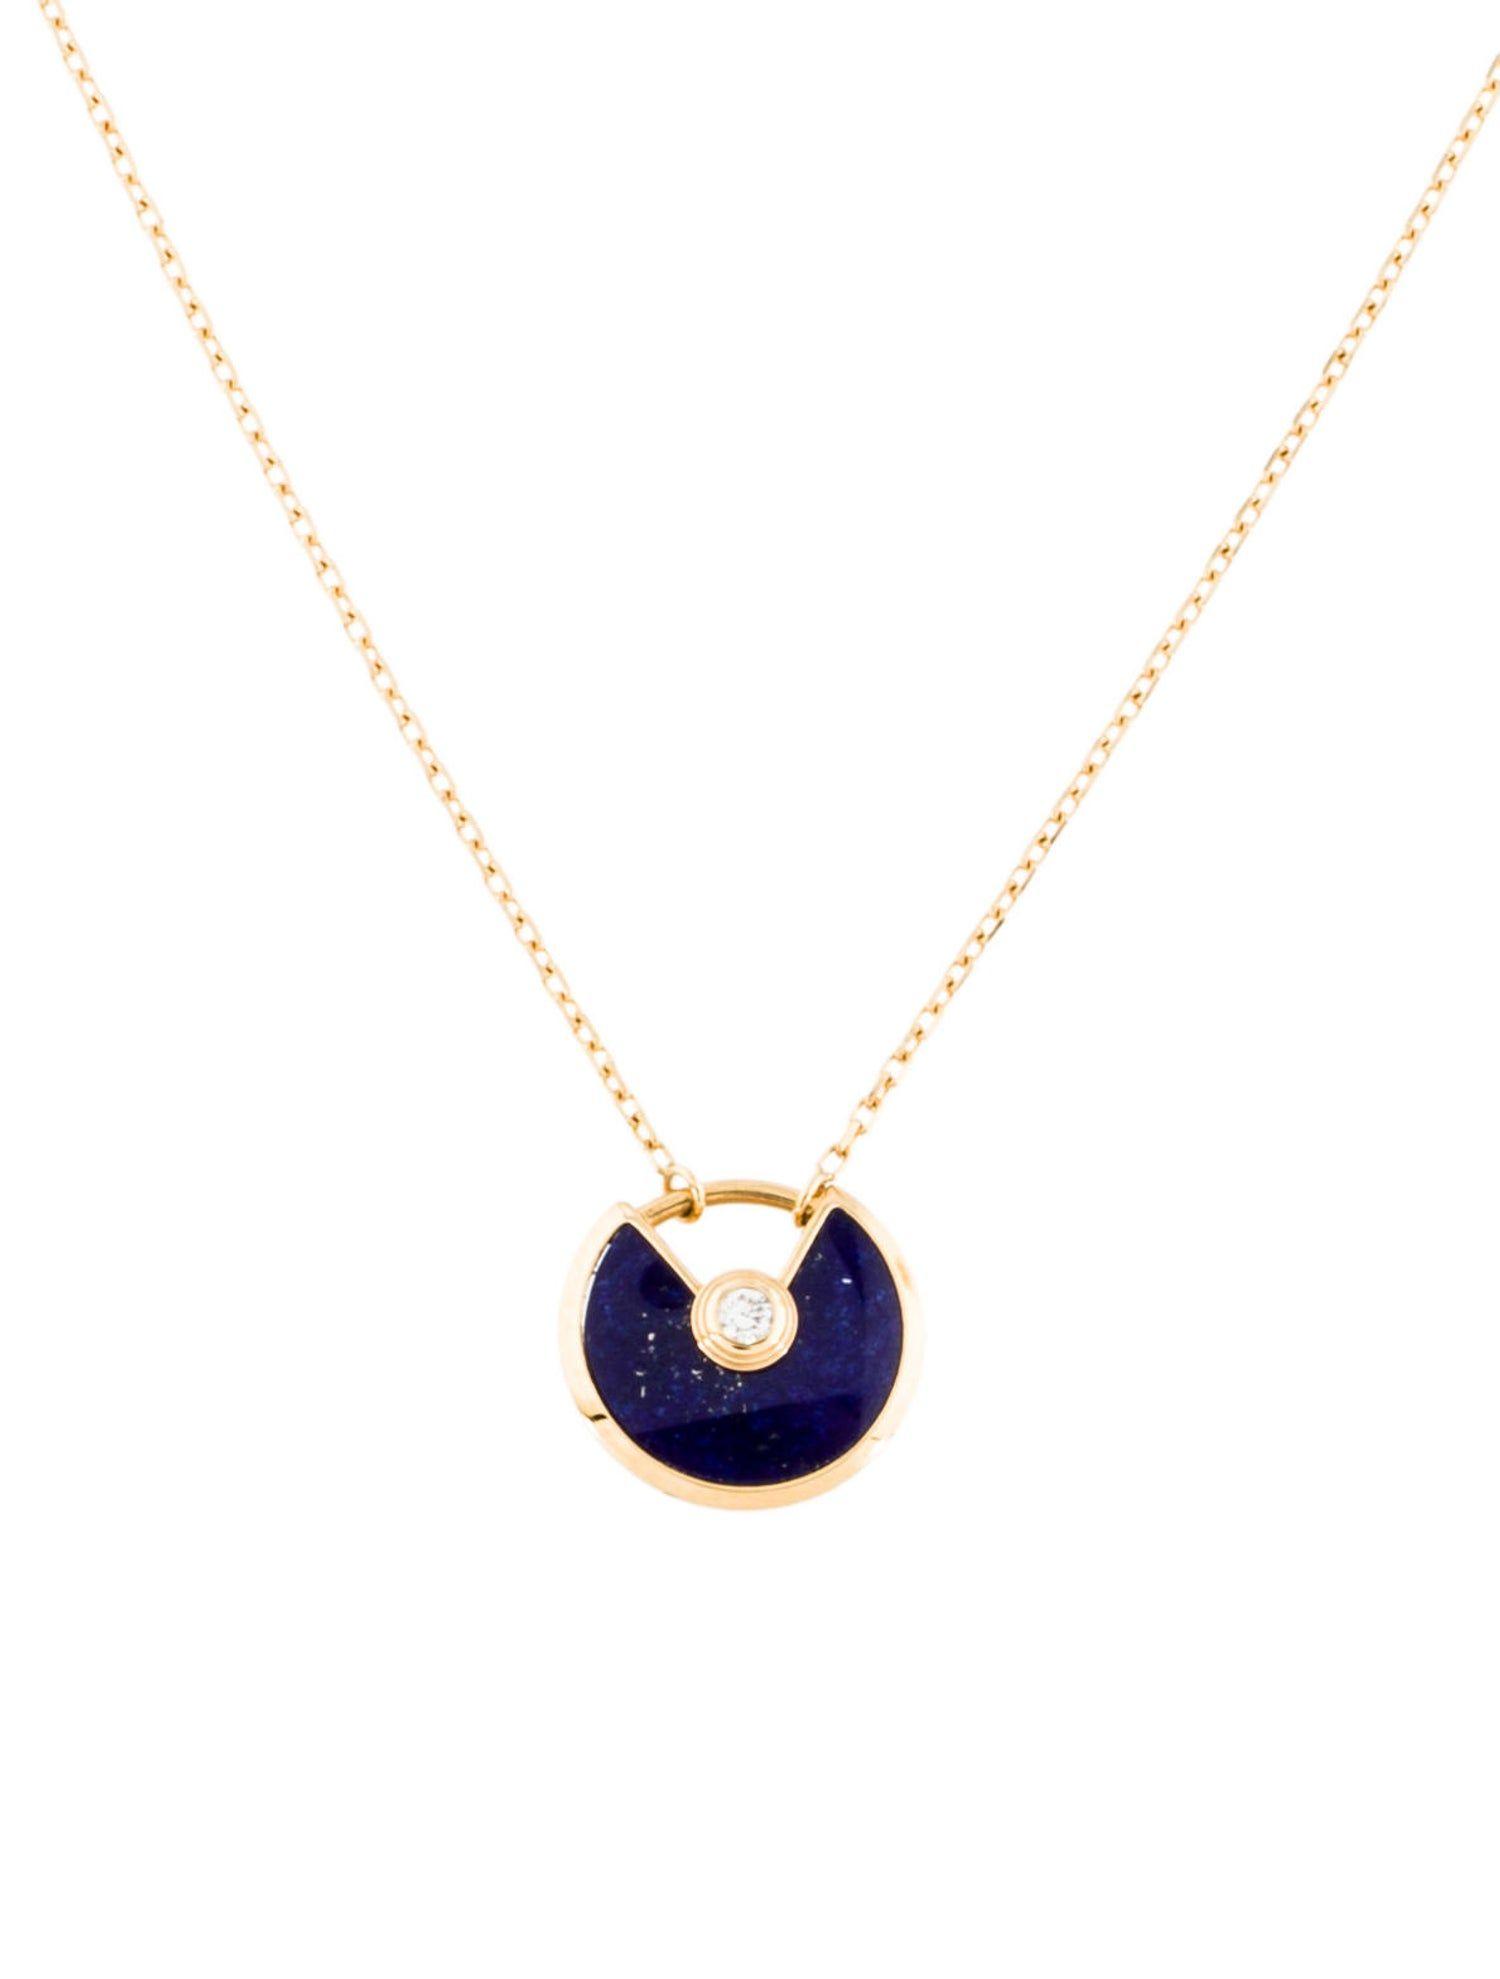 Cartier Lapis Lazuli Diamond Amulette De Cartier Necklace Sponsored Lazuli Amp Cartier Cartier Necklace Lapis Lazuli Jewelry Lapis Lazuli